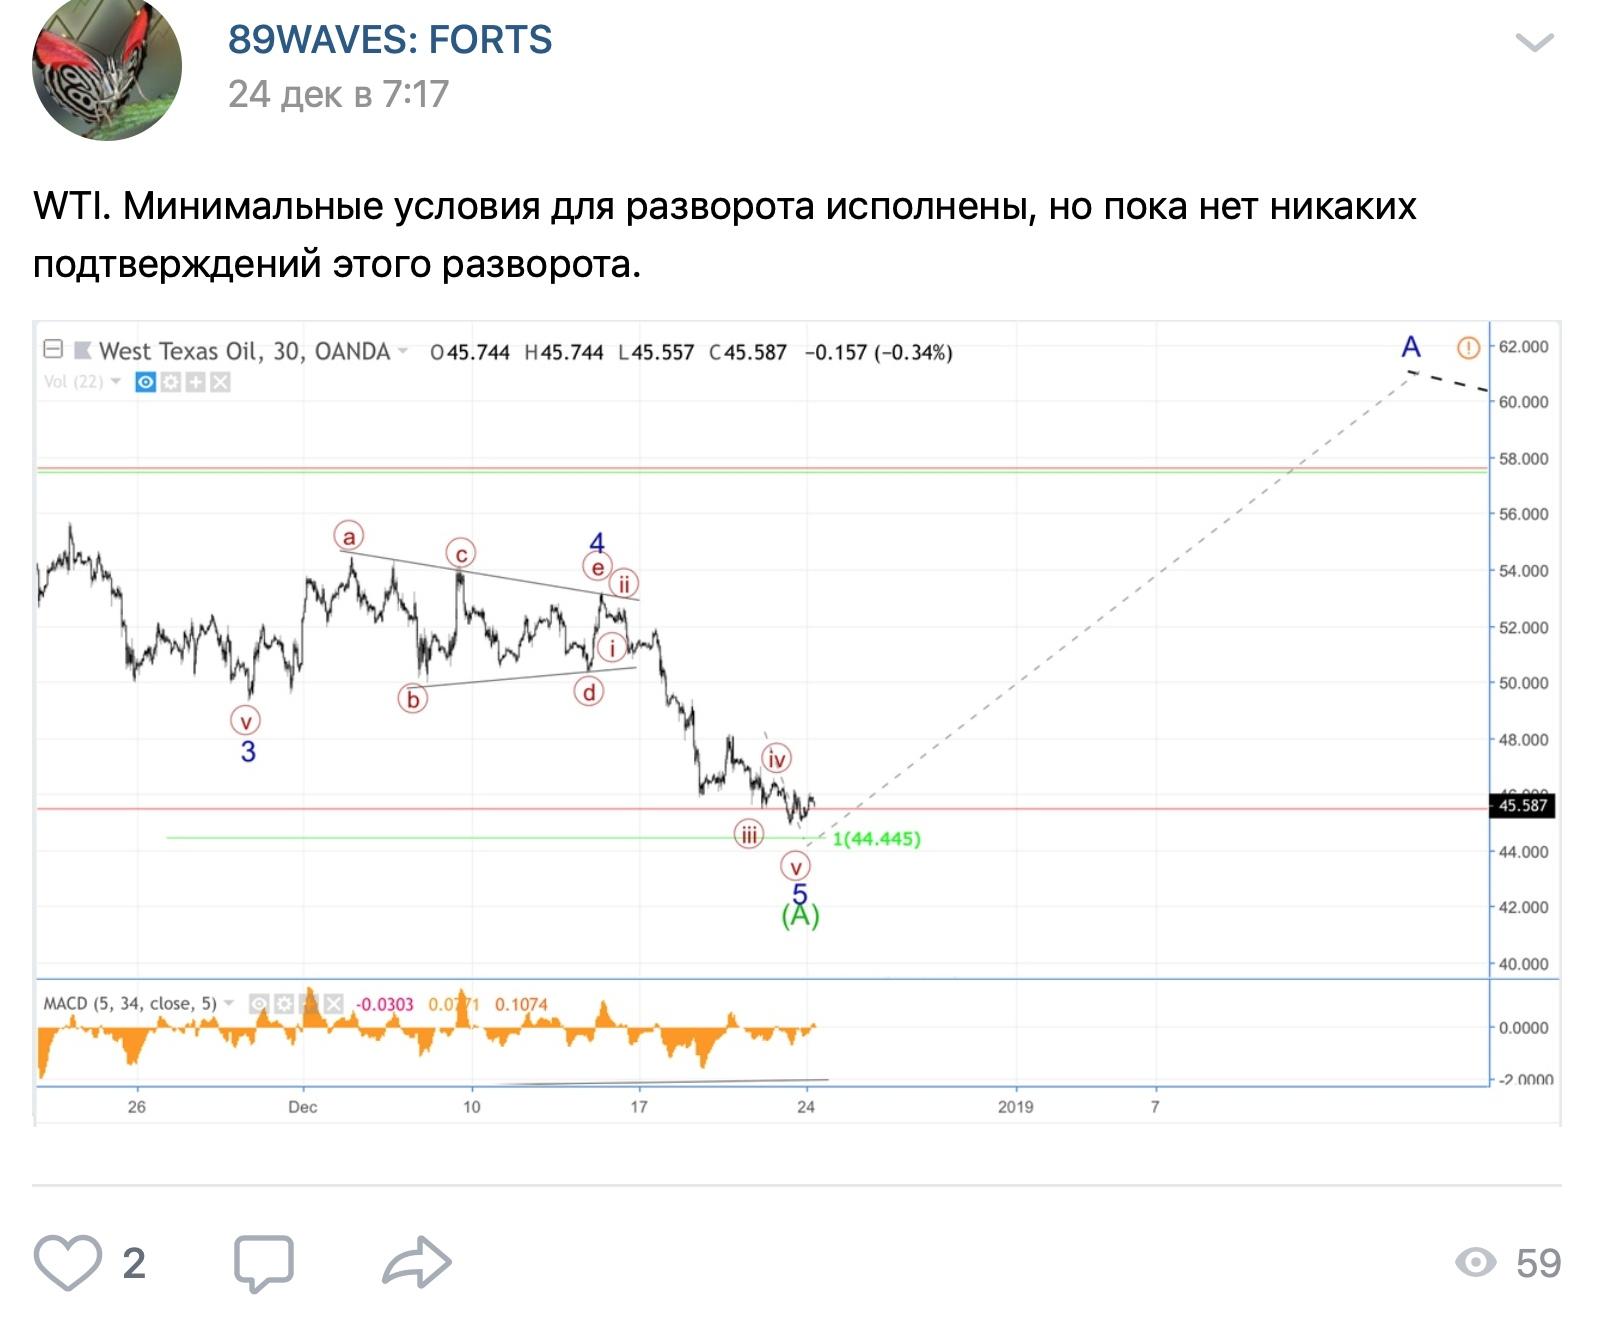 Волновой анализ USD/JPY, APPLE и нефти WTI.